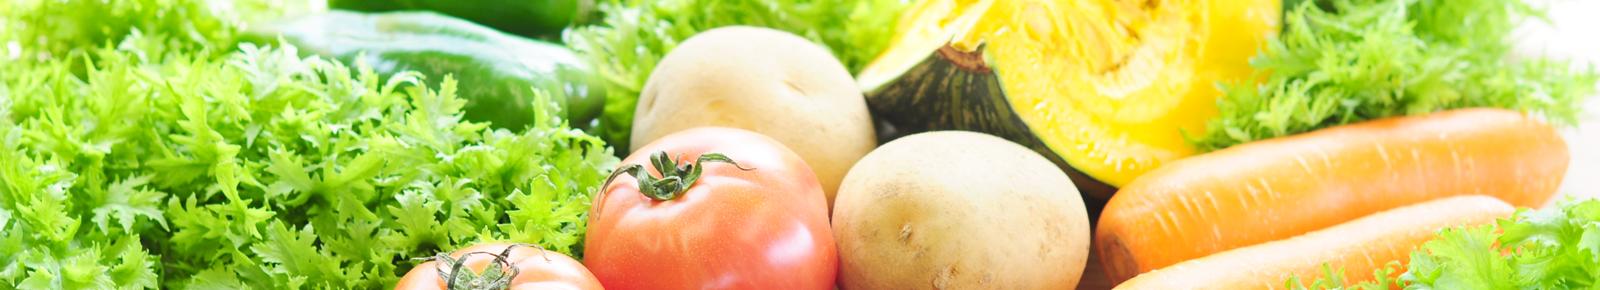 野菜と果物の豆知識|ベジタブリッシュ